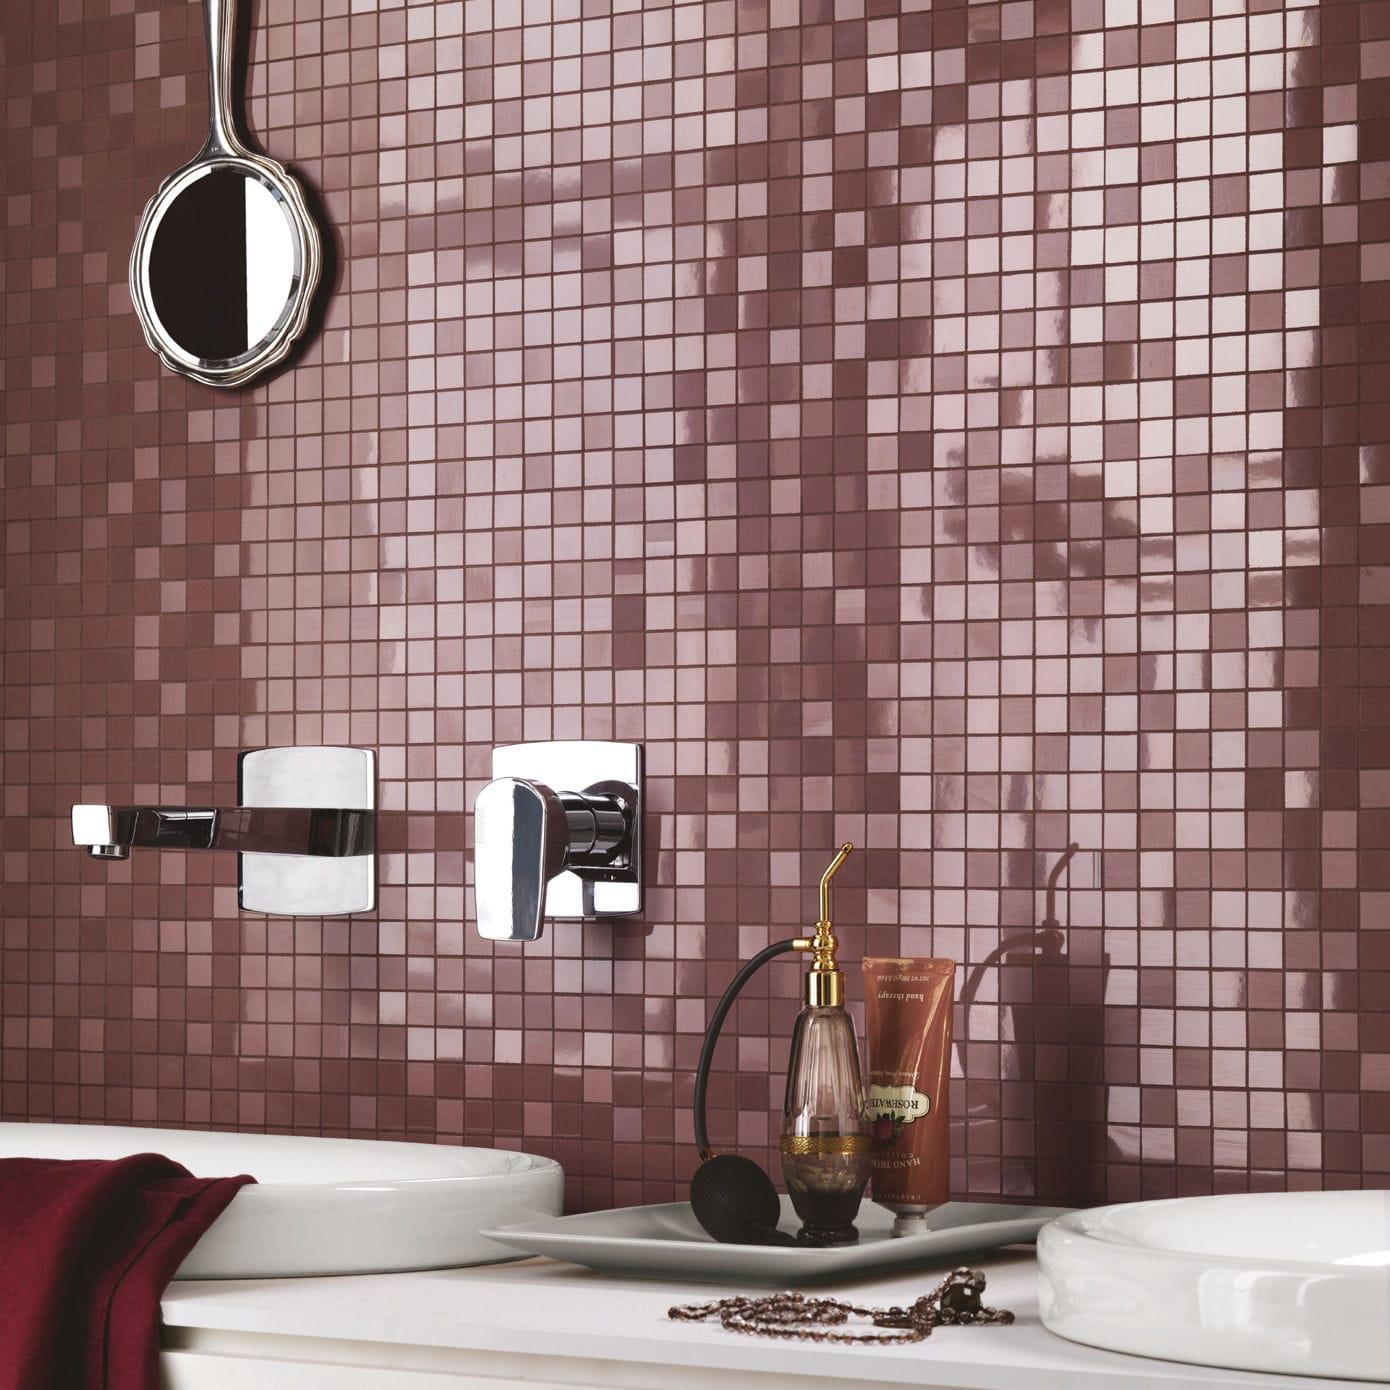 Fliesen Für Badezimmer / Für Wände / Keramik / Reflektierend   STILL